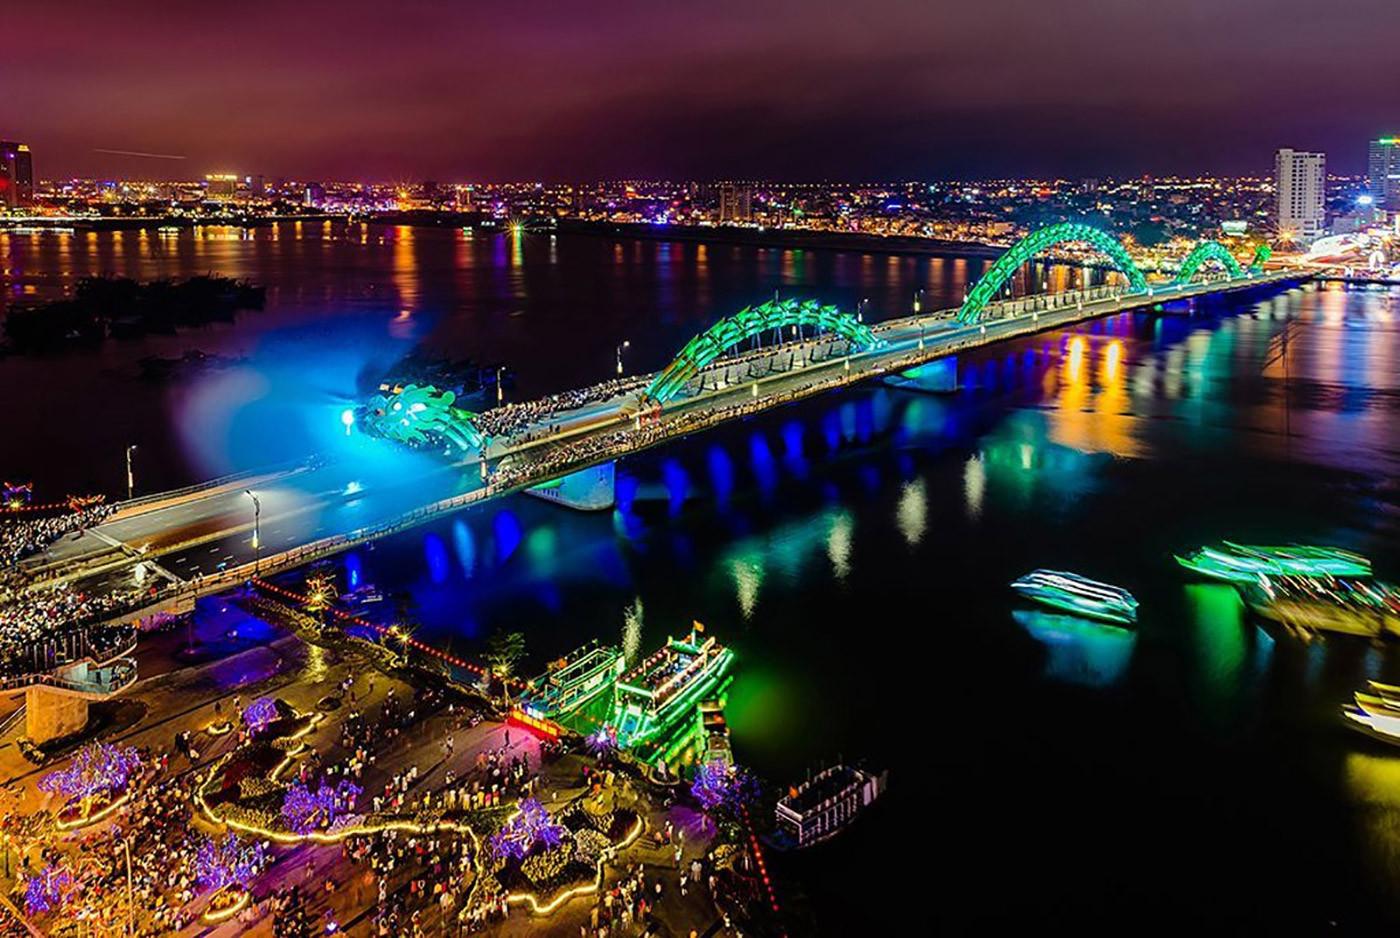 da-nang-night-view